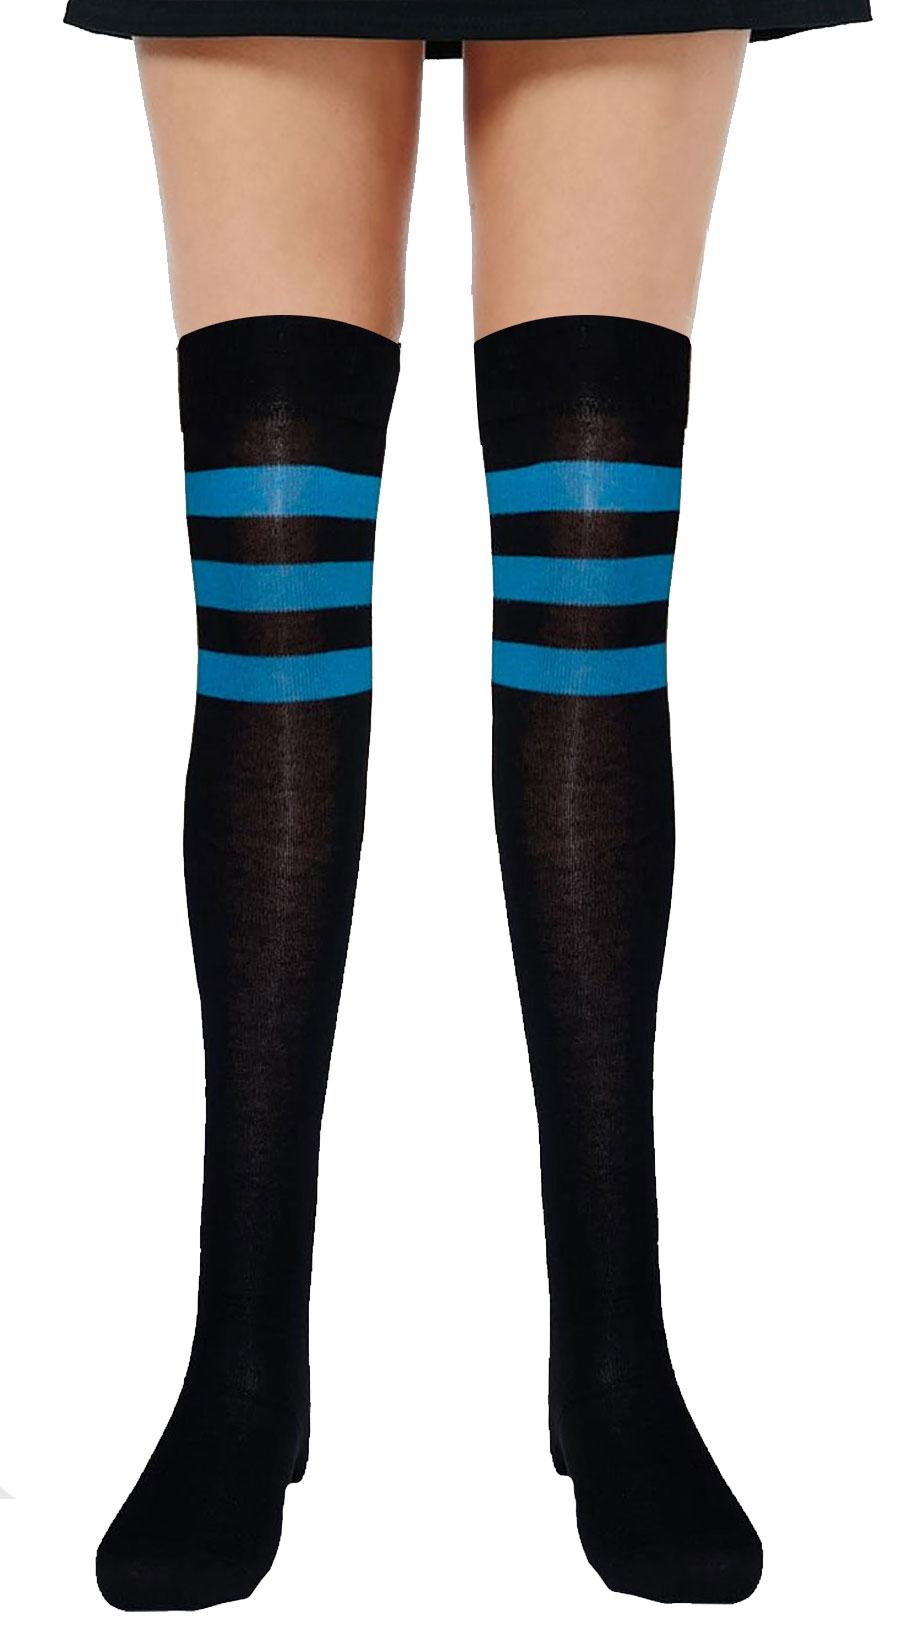 Referee Black and Blue OTK Socks (12 Pairs)